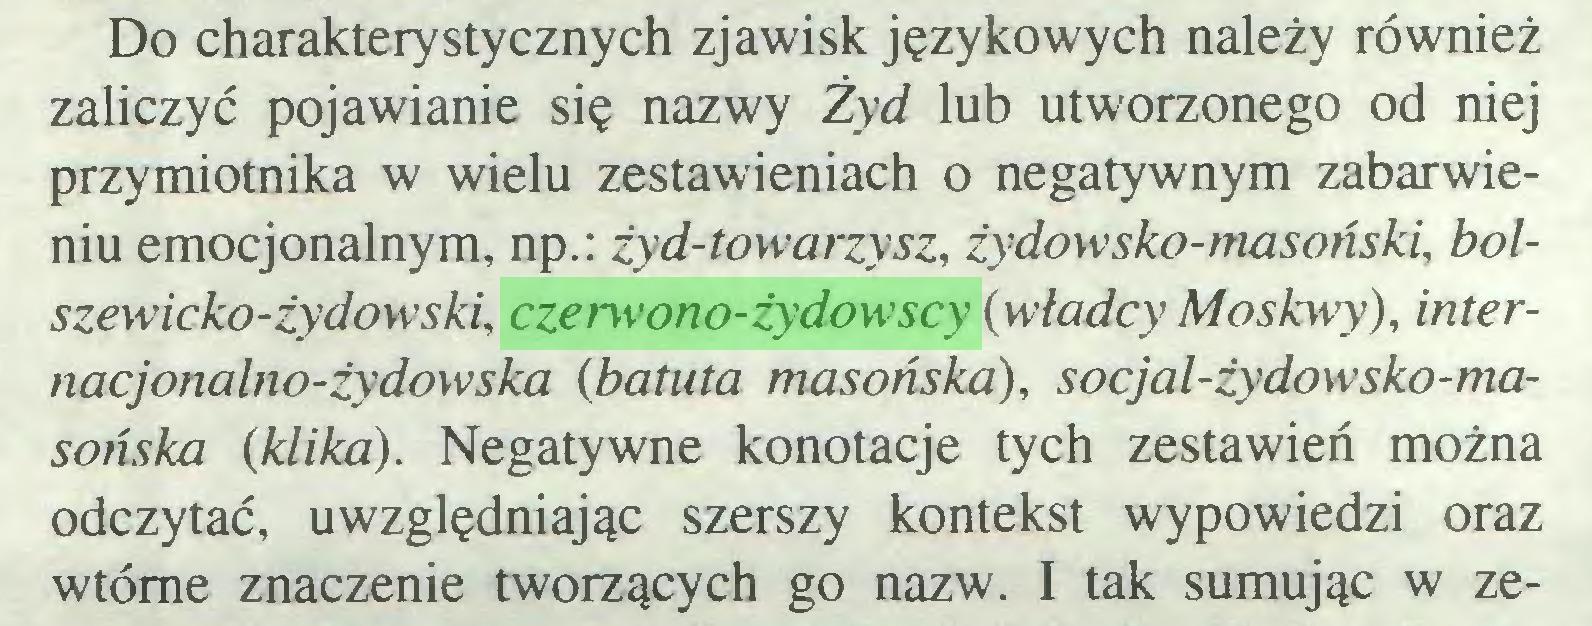 (...) Do charakterystycznych zjawisk językowych należy również zaliczyć pojawianie się nazwy Żyd lub utworzonego od niej przymiotnika w wielu zestawieniach o negatywnym zabarwieniu emocjonalnym, np.: żyd-towarzysz, żydowsko-masoński, bolszewicko-żydowski, czerwono-żydowscy (władcy Moskwy), internacjonalno-żydowska (batuta masońska), socjal-żydowsko-masońska {klika). Negatywne konotacje tych zestawień można odczytać, uwzględniając szerszy kontekst wypowiedzi oraz wtórne znaczenie tworzących go nazw. I tak sumując w ze...